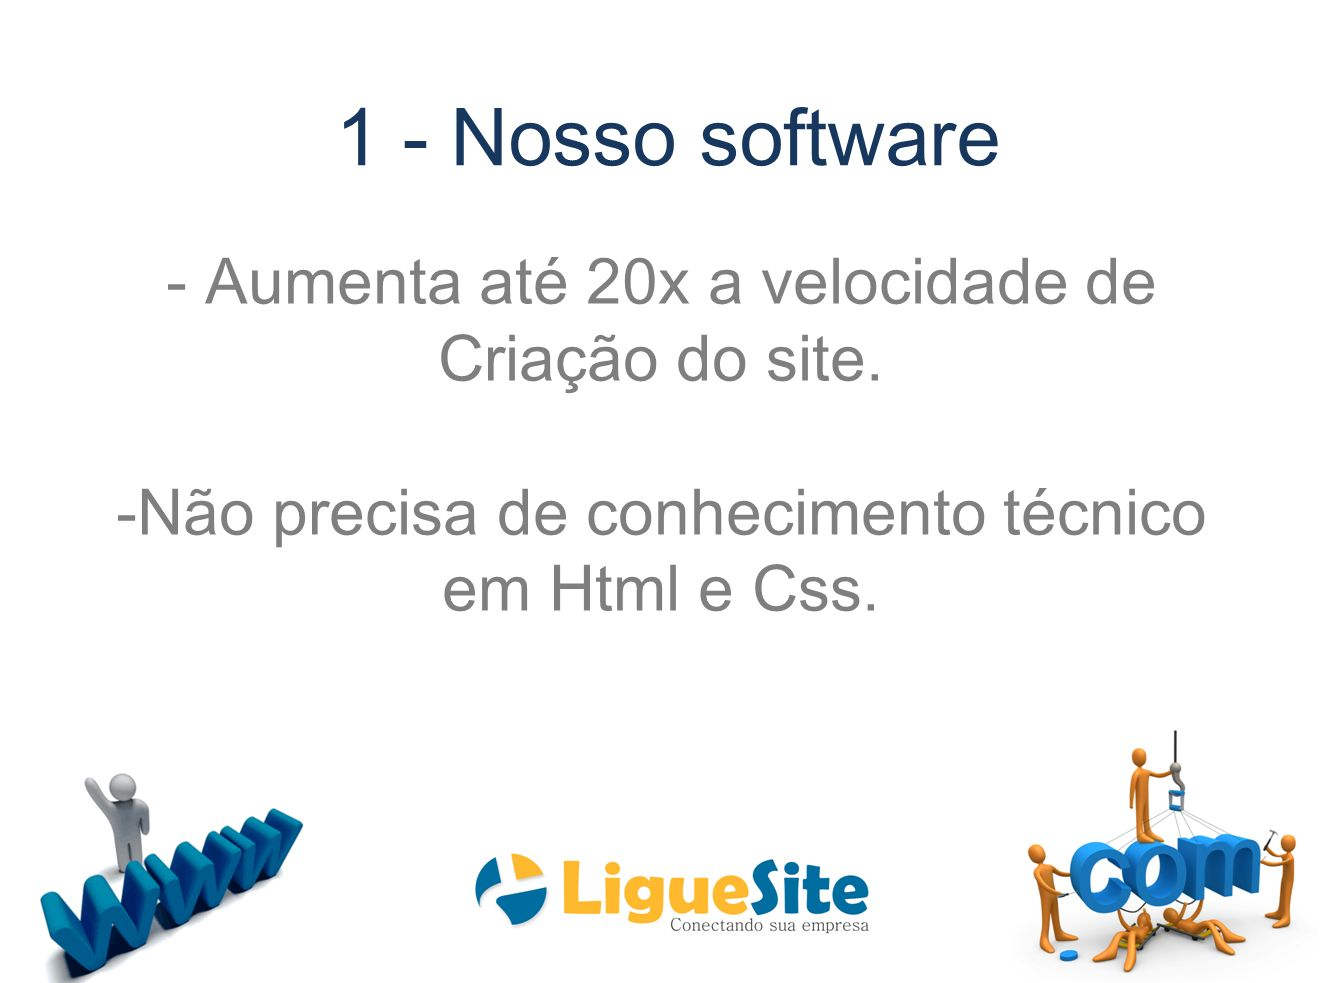 1 - Nosso software - Aumenta até 20x a velocidade de Criação do site.